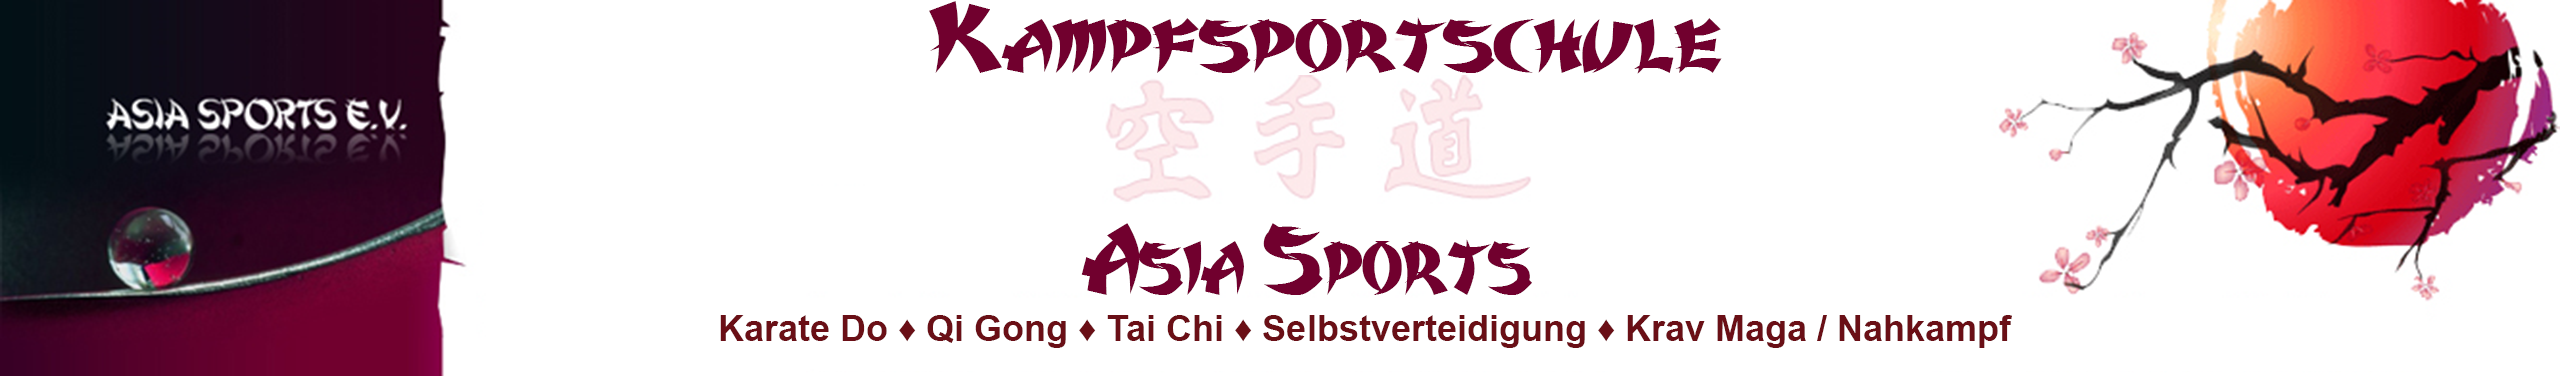 Kampfsportschule Asia Sports - Karate / Krav Maga / Nahkampf / Selbstverteidigung / SV / Taekwon-Do / Kickboxen